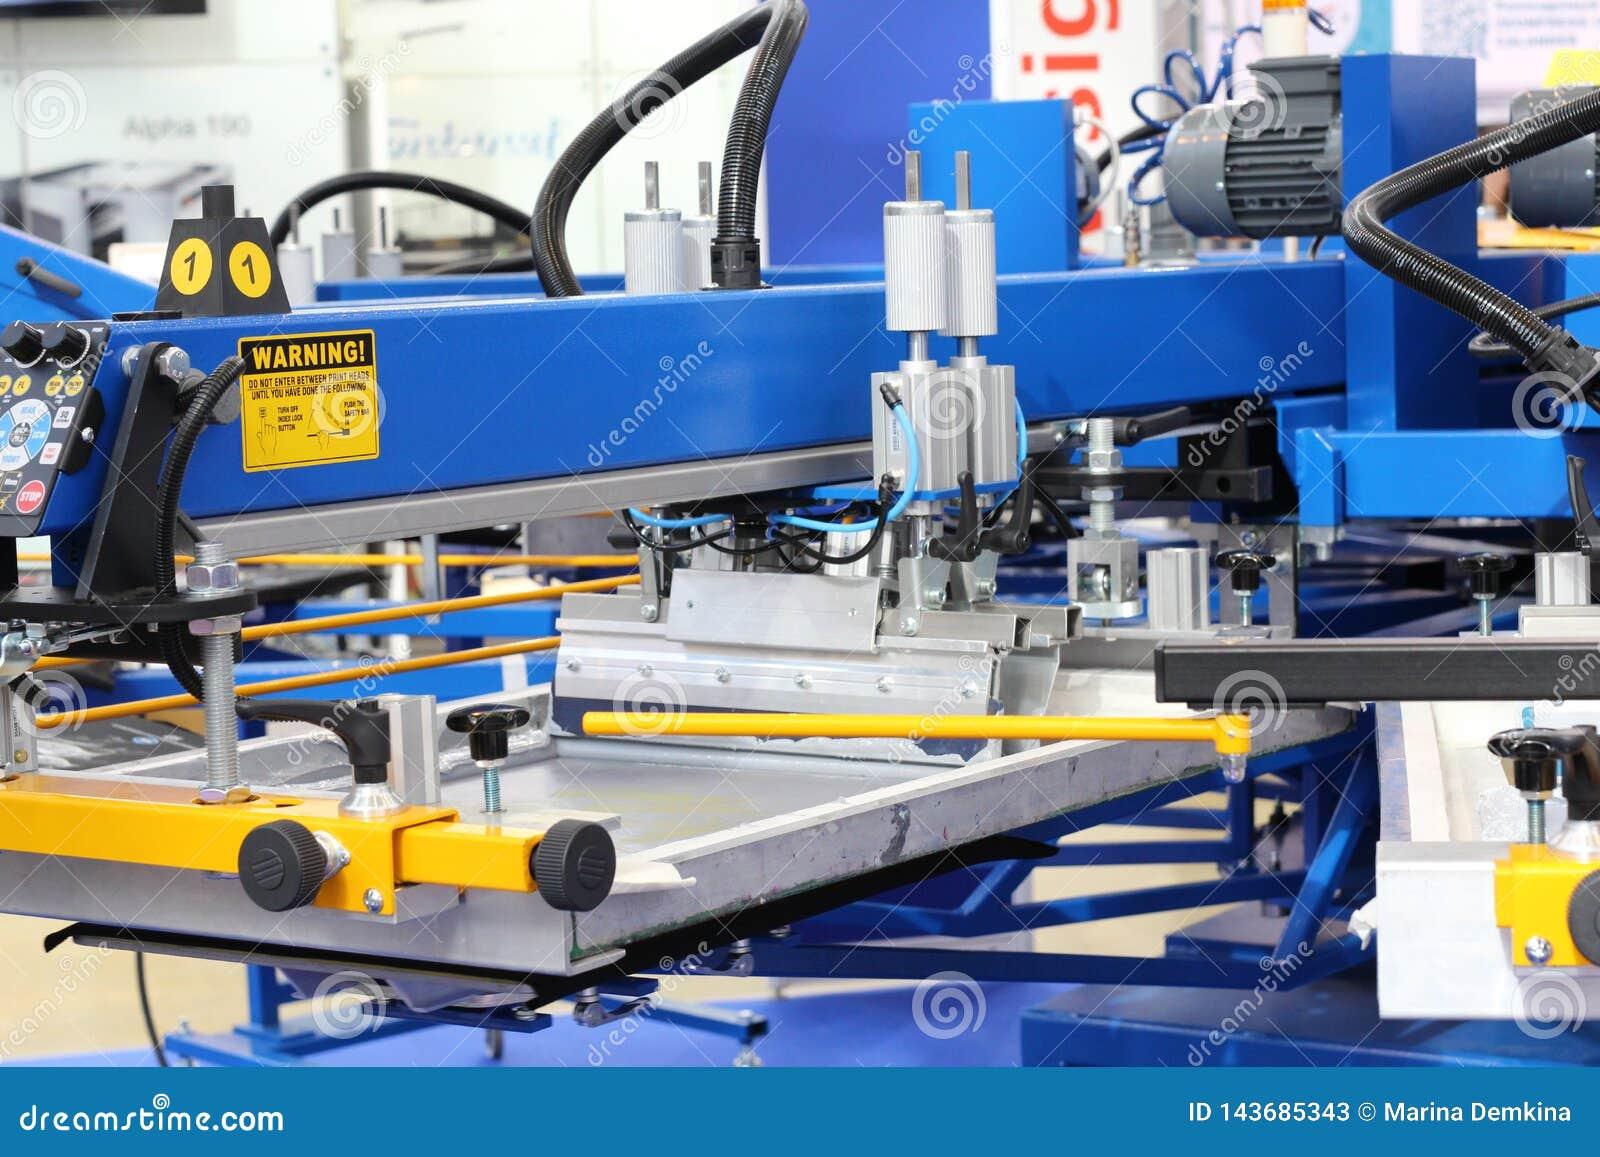 Εξοπλισμός για στα κλωστοϋφαντουργικά προϊόντα Αυτόματος Τύπος εκτύπωσης